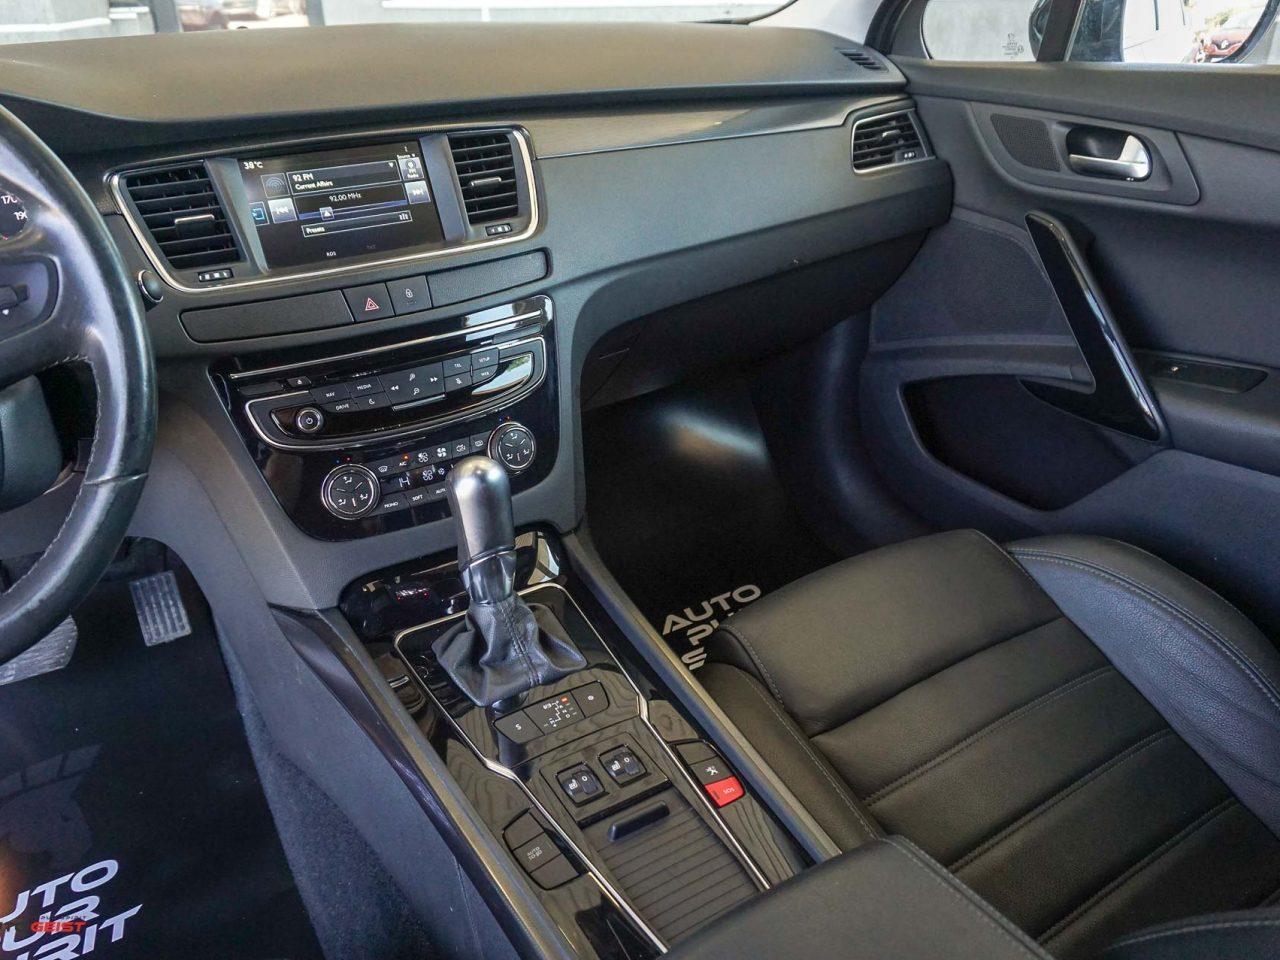 585-peugeot-508-sedan-negru-01728